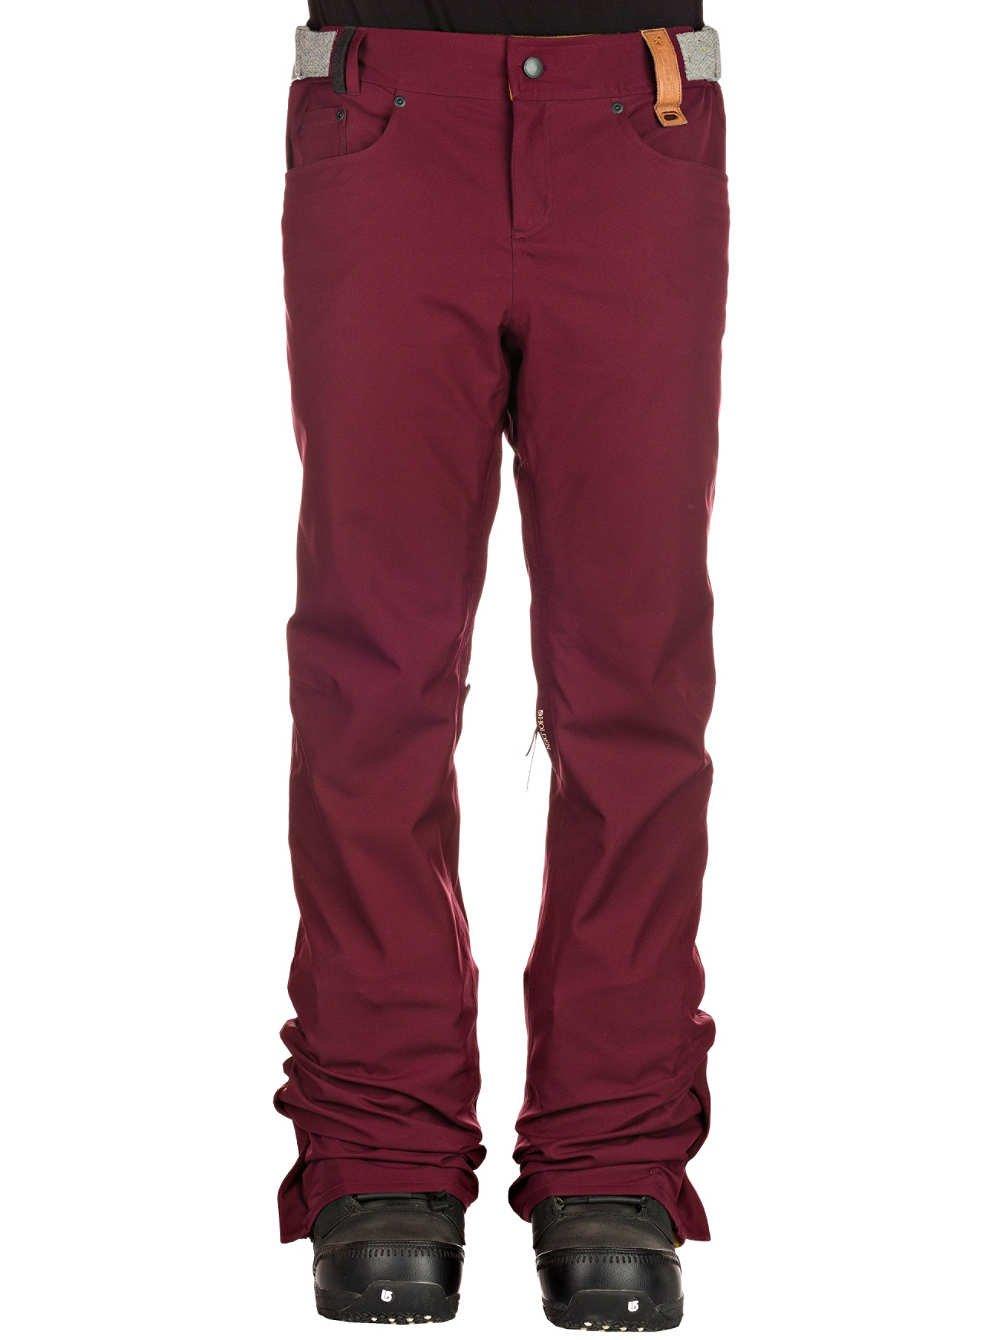 Holden Pantaloni da Snowboard Skinny Standard Hose, Port Port Port Royale, LB00S057M3AParent | Consegna ragionevole e consegna puntuale  | Online Shop  | Primi Clienti  | Tocco confortevole  c50401